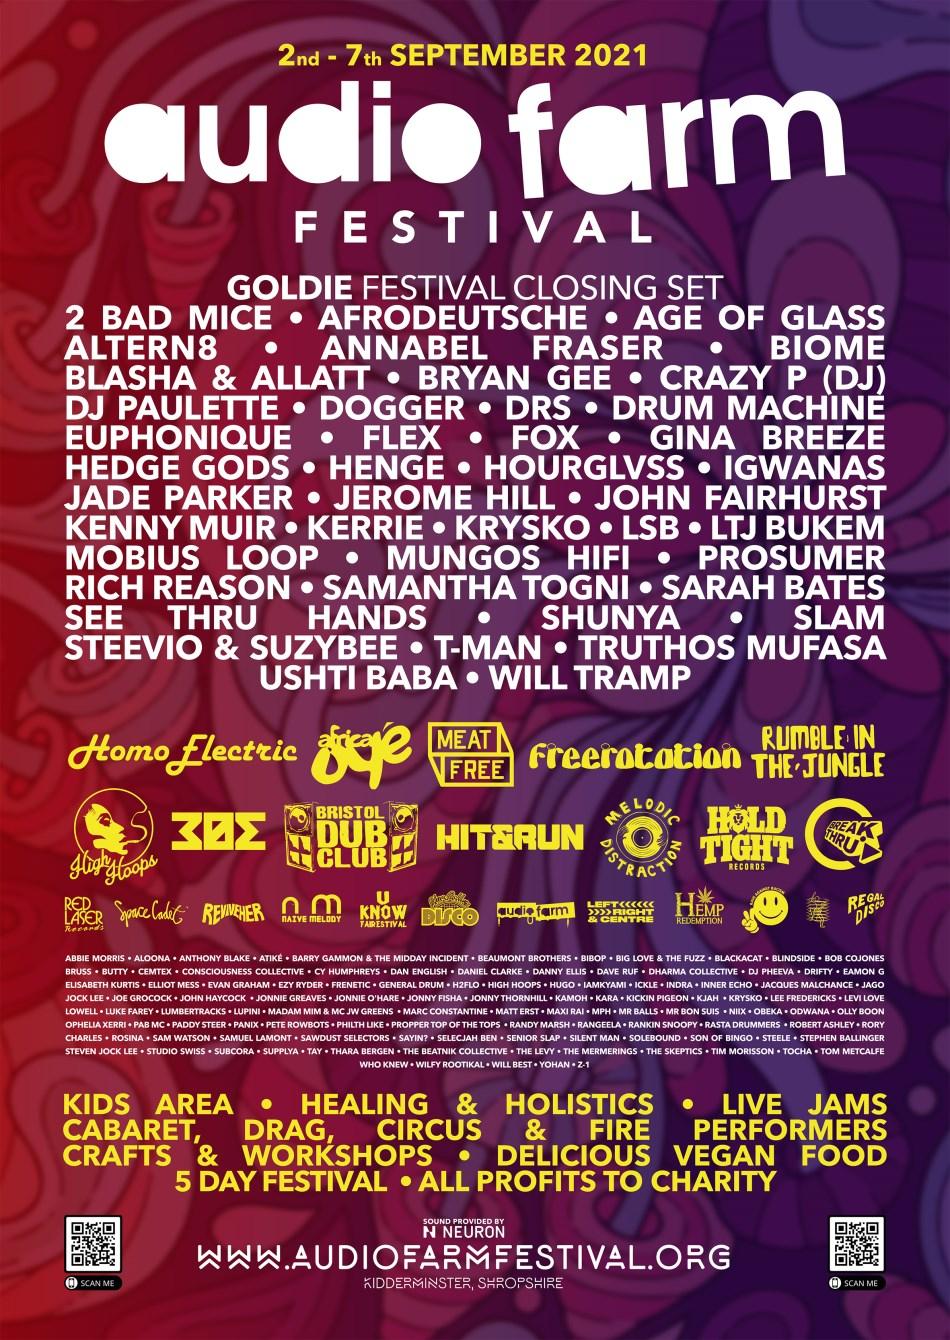 Audio Farm Festival 2021 - Flyer front